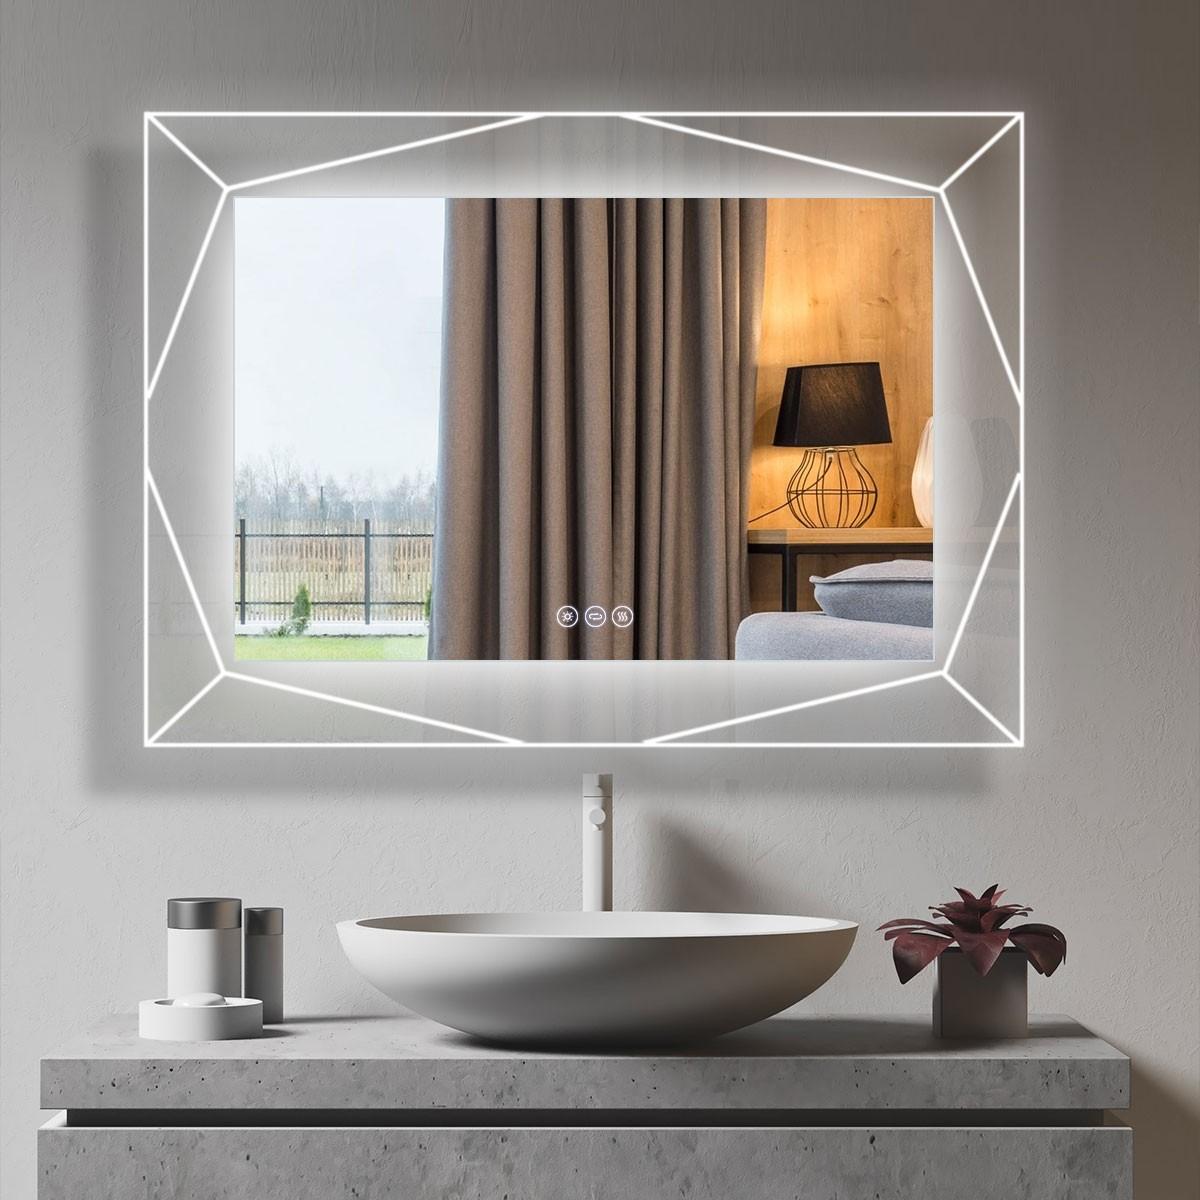 DECORAPORT 48 x 36 Po Miroir de Salle de Bain LED avec Bouton Tactile, Haut-Parleur Bluetooth, Lumières Tricolores, Anti-Buée, Luminosité Réglable, Montage Vertical & Horizontal (D1516-4836AB)